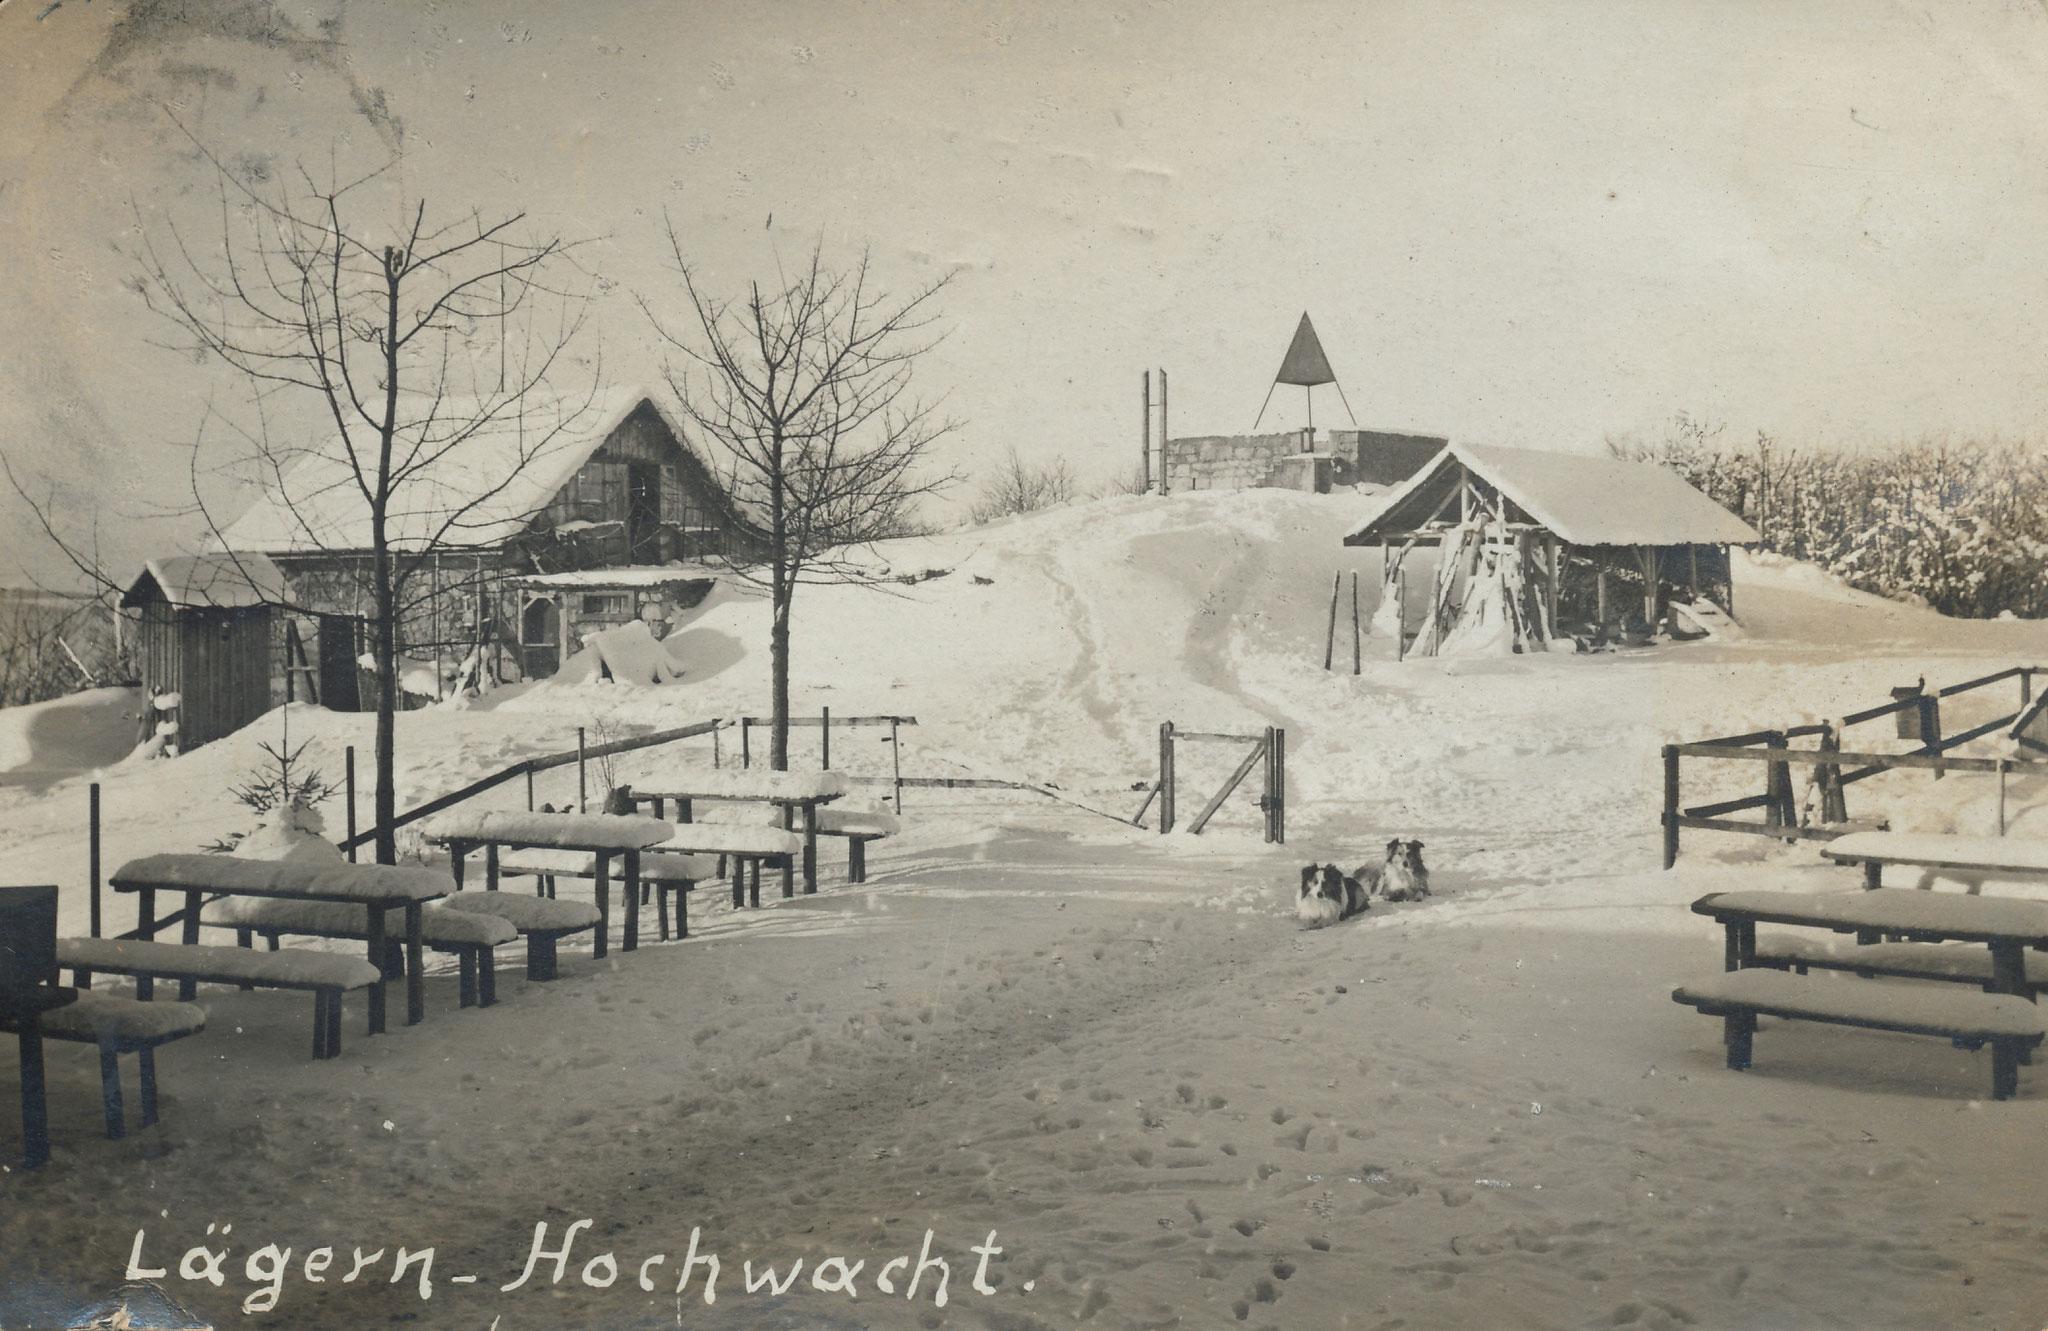 Ansichtkarte Lägern Hochwacht, ausnahmsweise ohne Restaurant, dafür mit Nebengebäuden und Pyramide